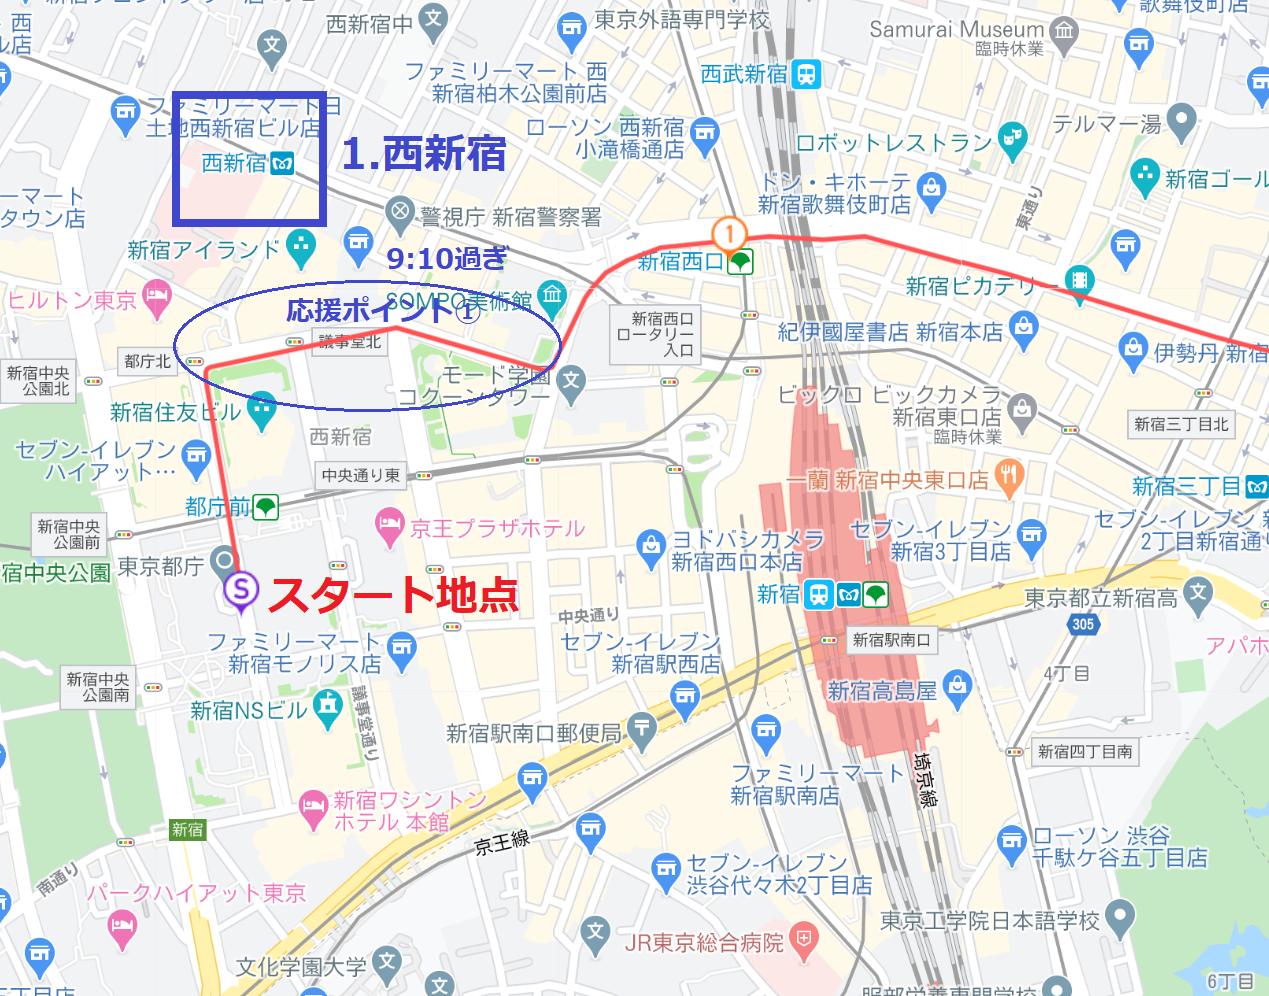 東京マラソントップランナー応援ポイント①西新宿駅